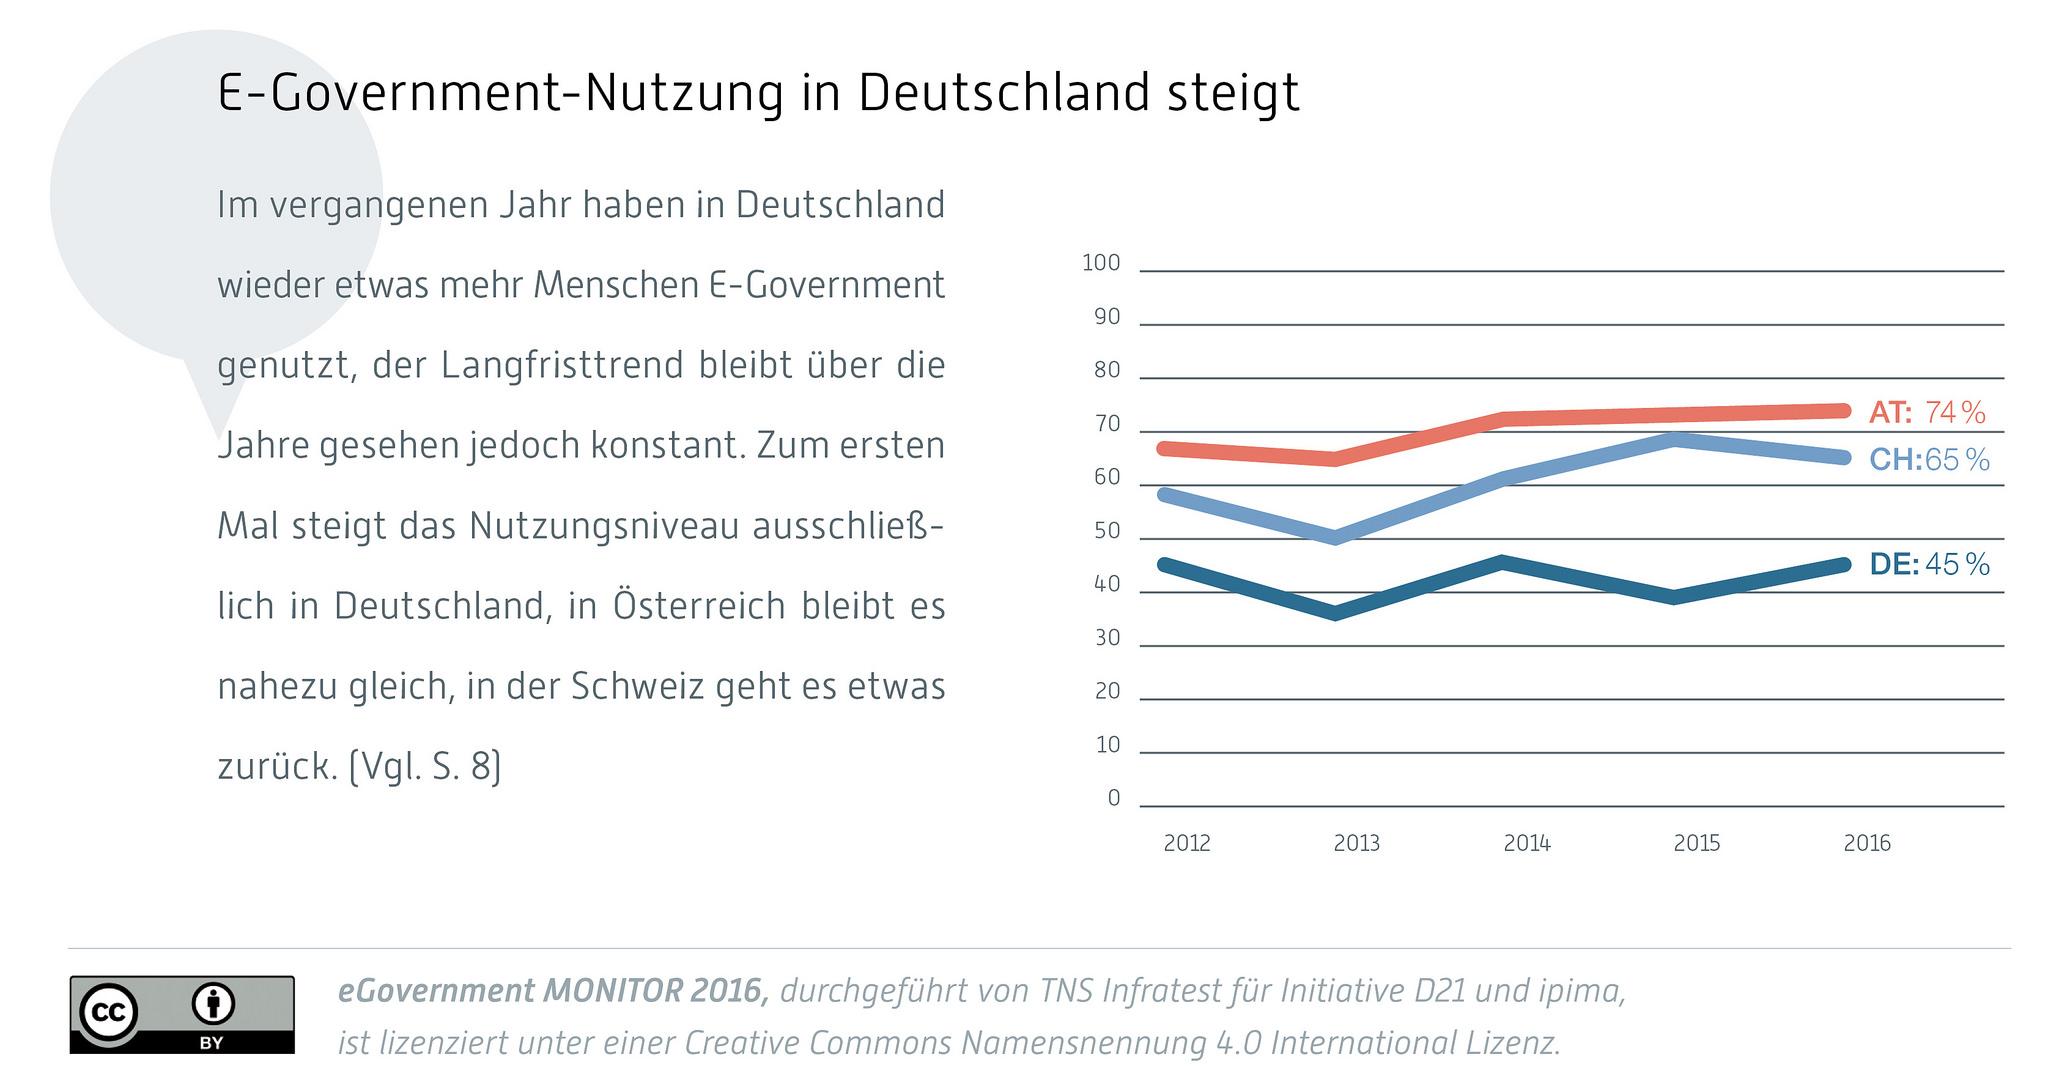 grafik-tns-initiative-d21-e-government-nutzung